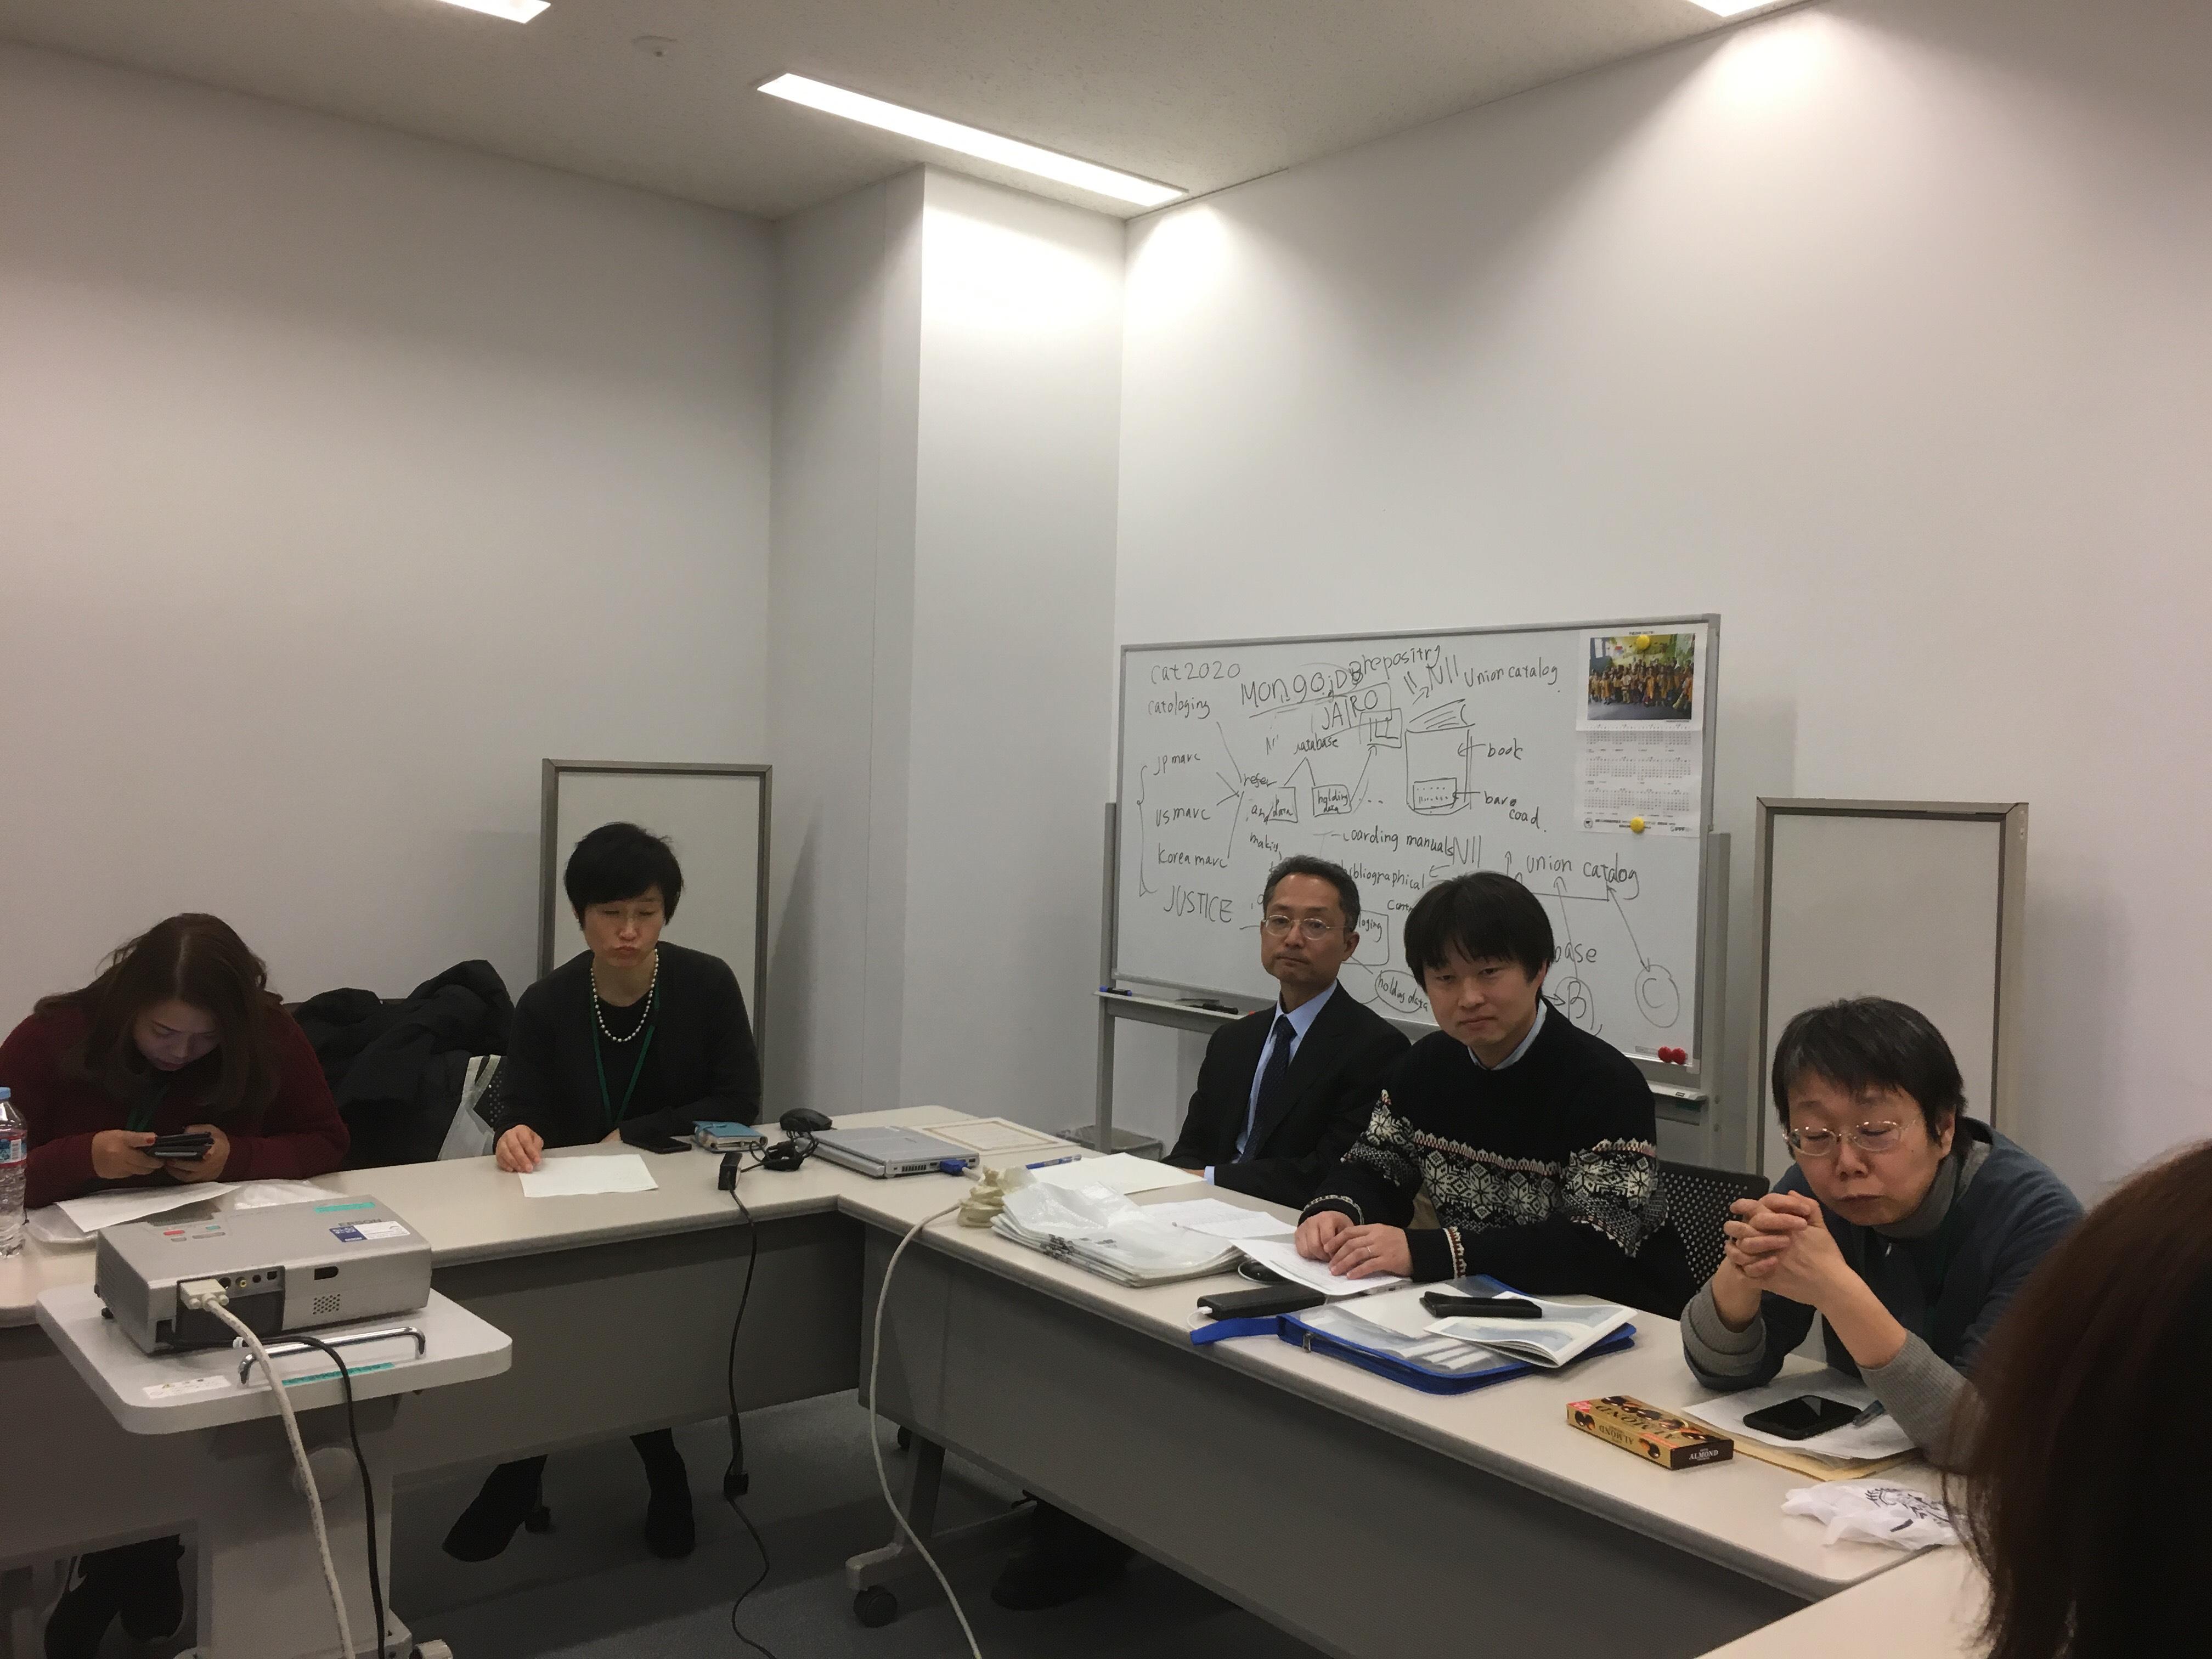 ジェトロ・アジア経済研究所図書館にて成果発表1